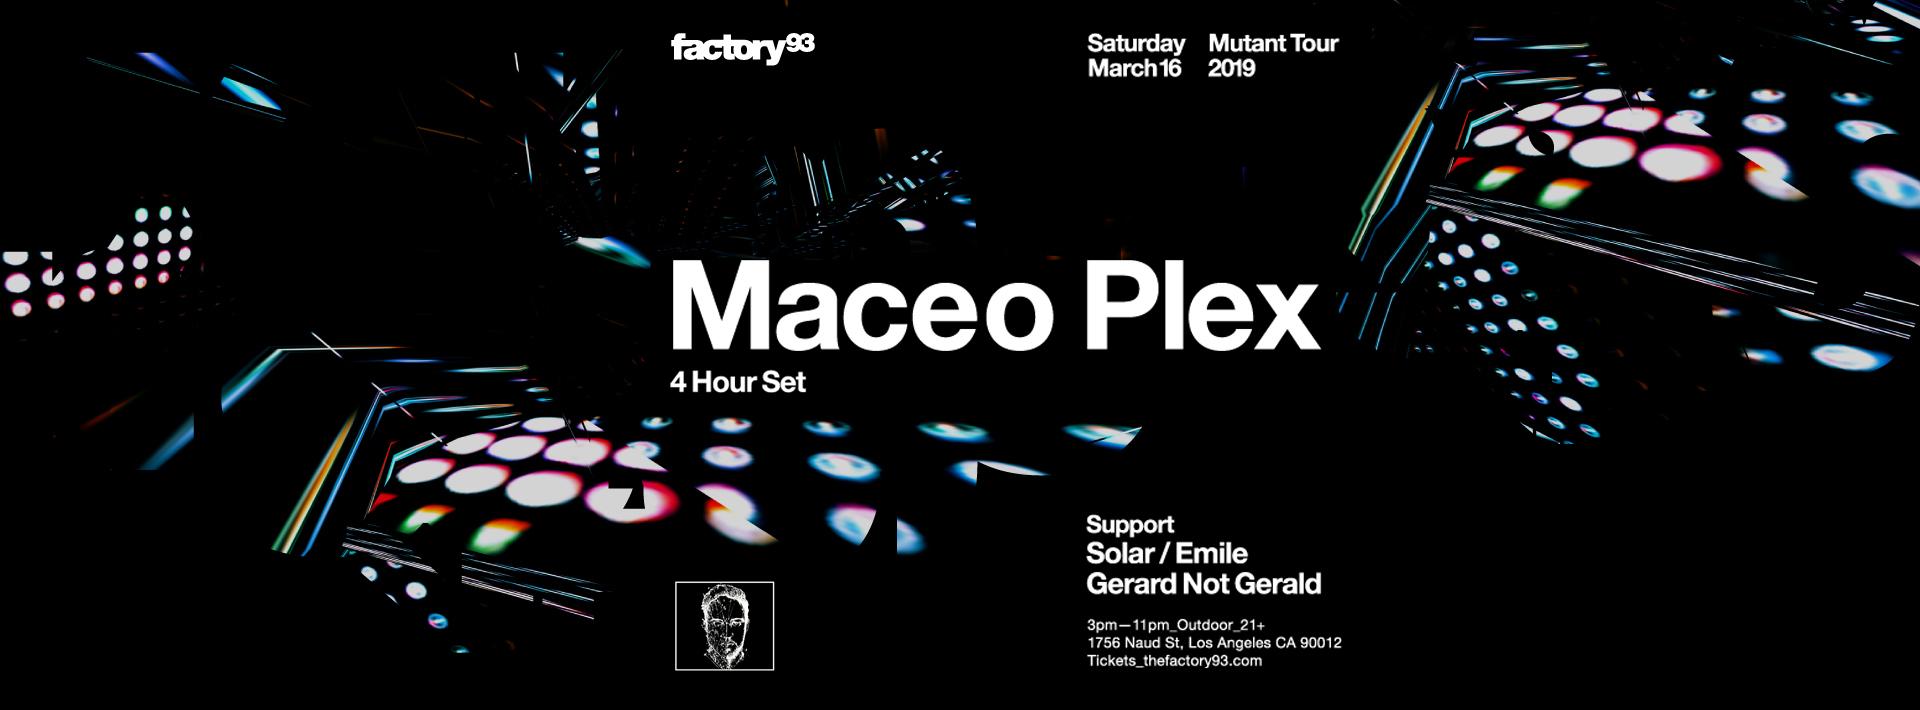 Maceo Plex – Mutant Tour